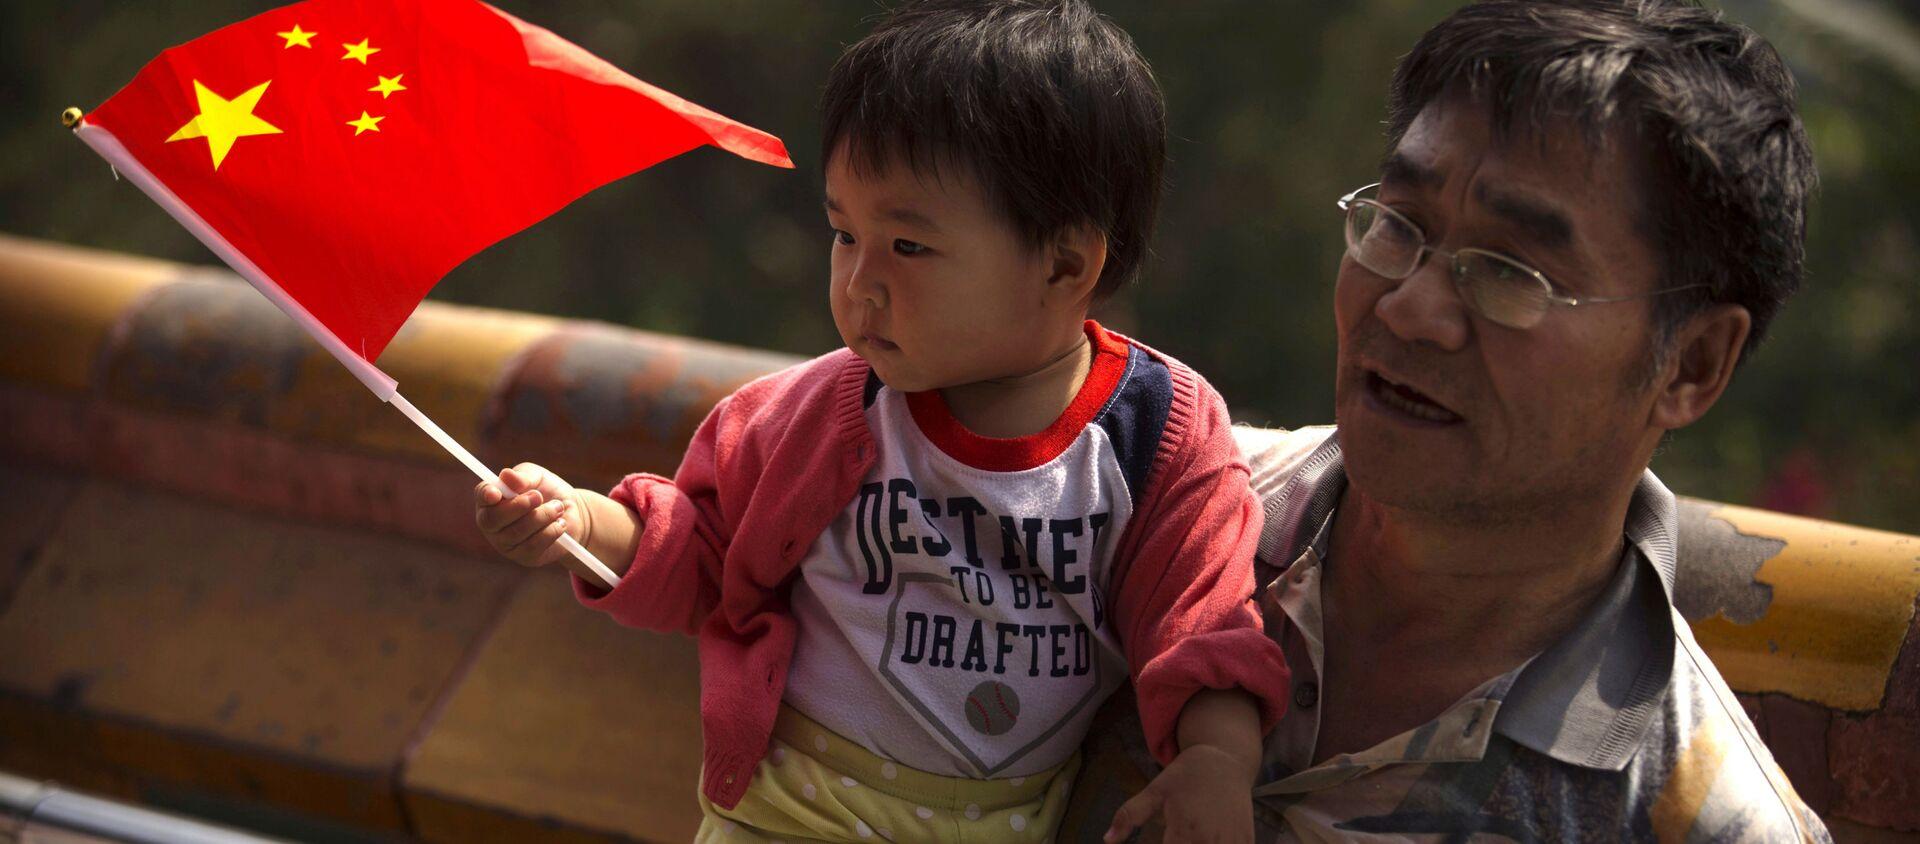 Người đàn ông với đứa trẻ - Sputnik Việt Nam, 1920, 05.06.2021